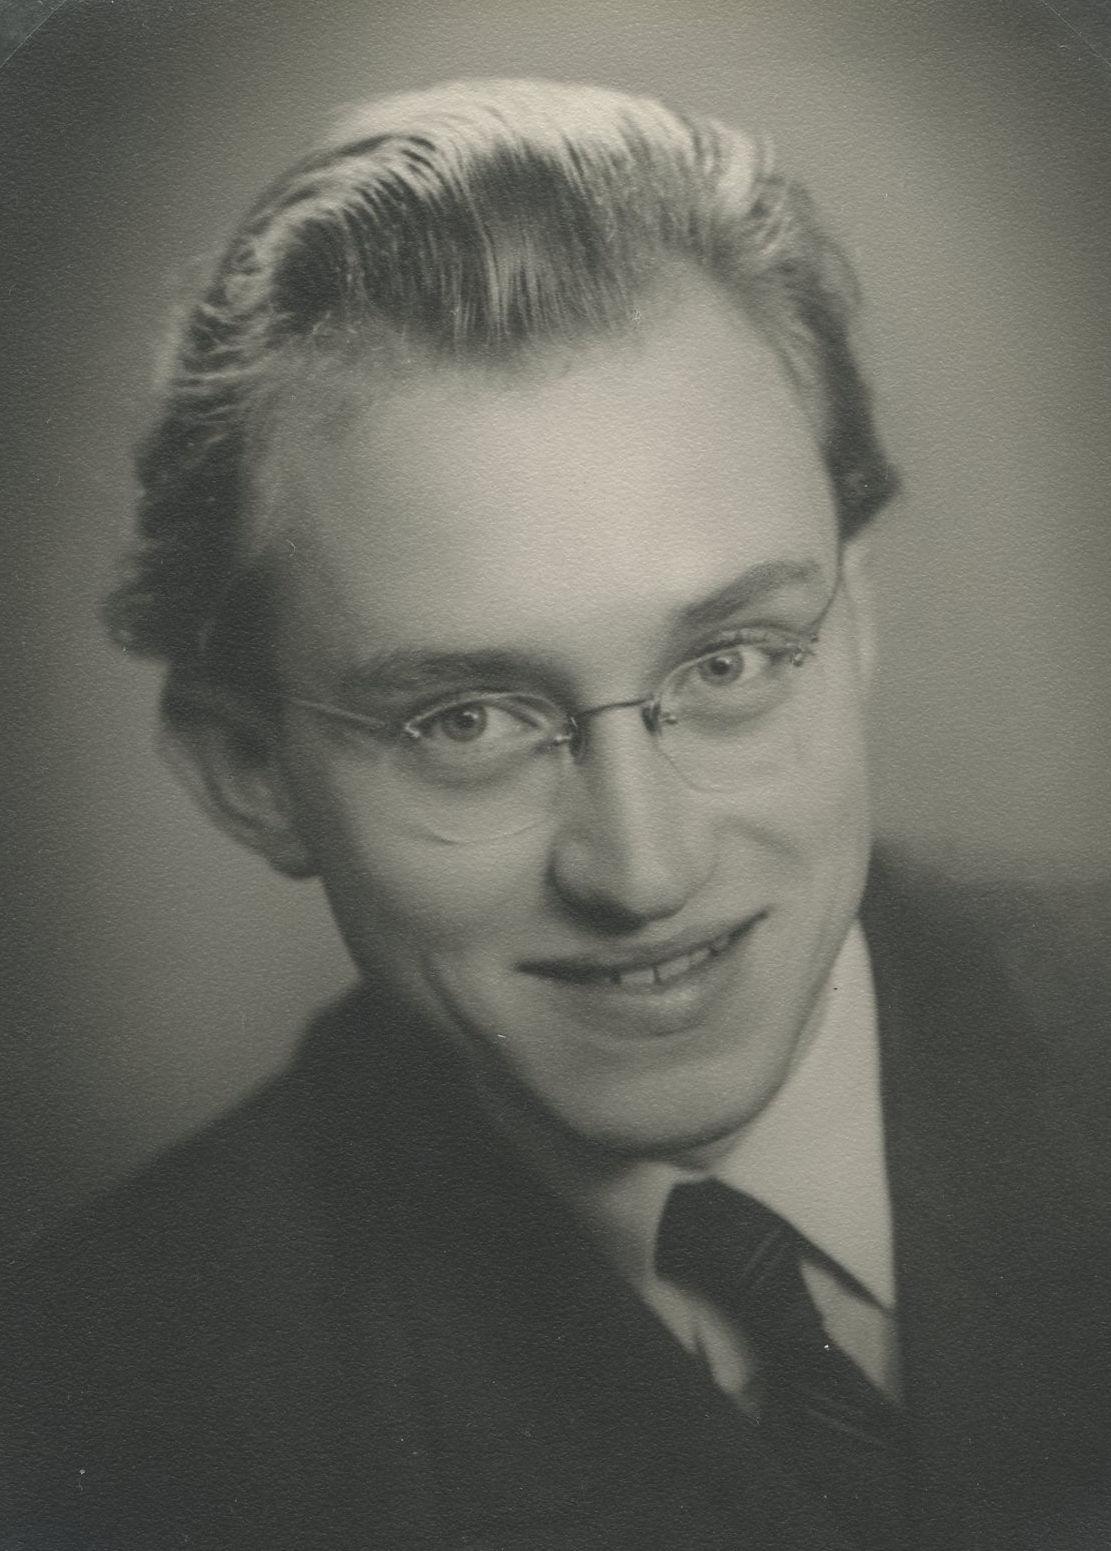 Ken Arensbak